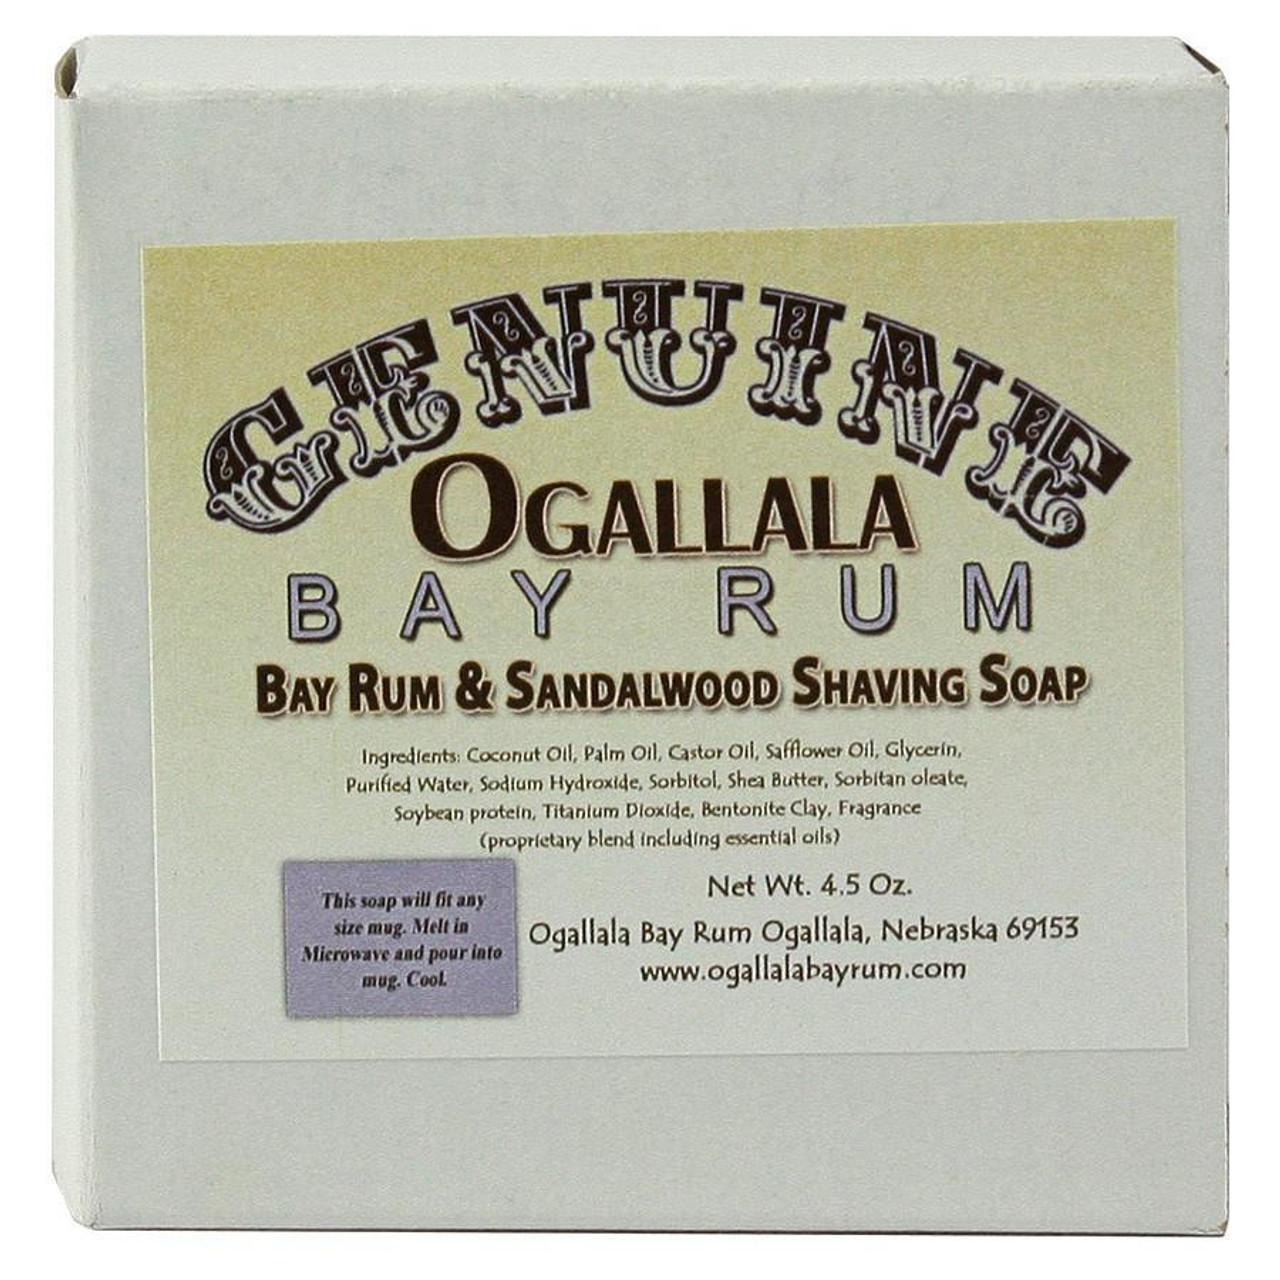 Ogallala Bay Rum & Sandalwood Shave Soap, 4.5oz